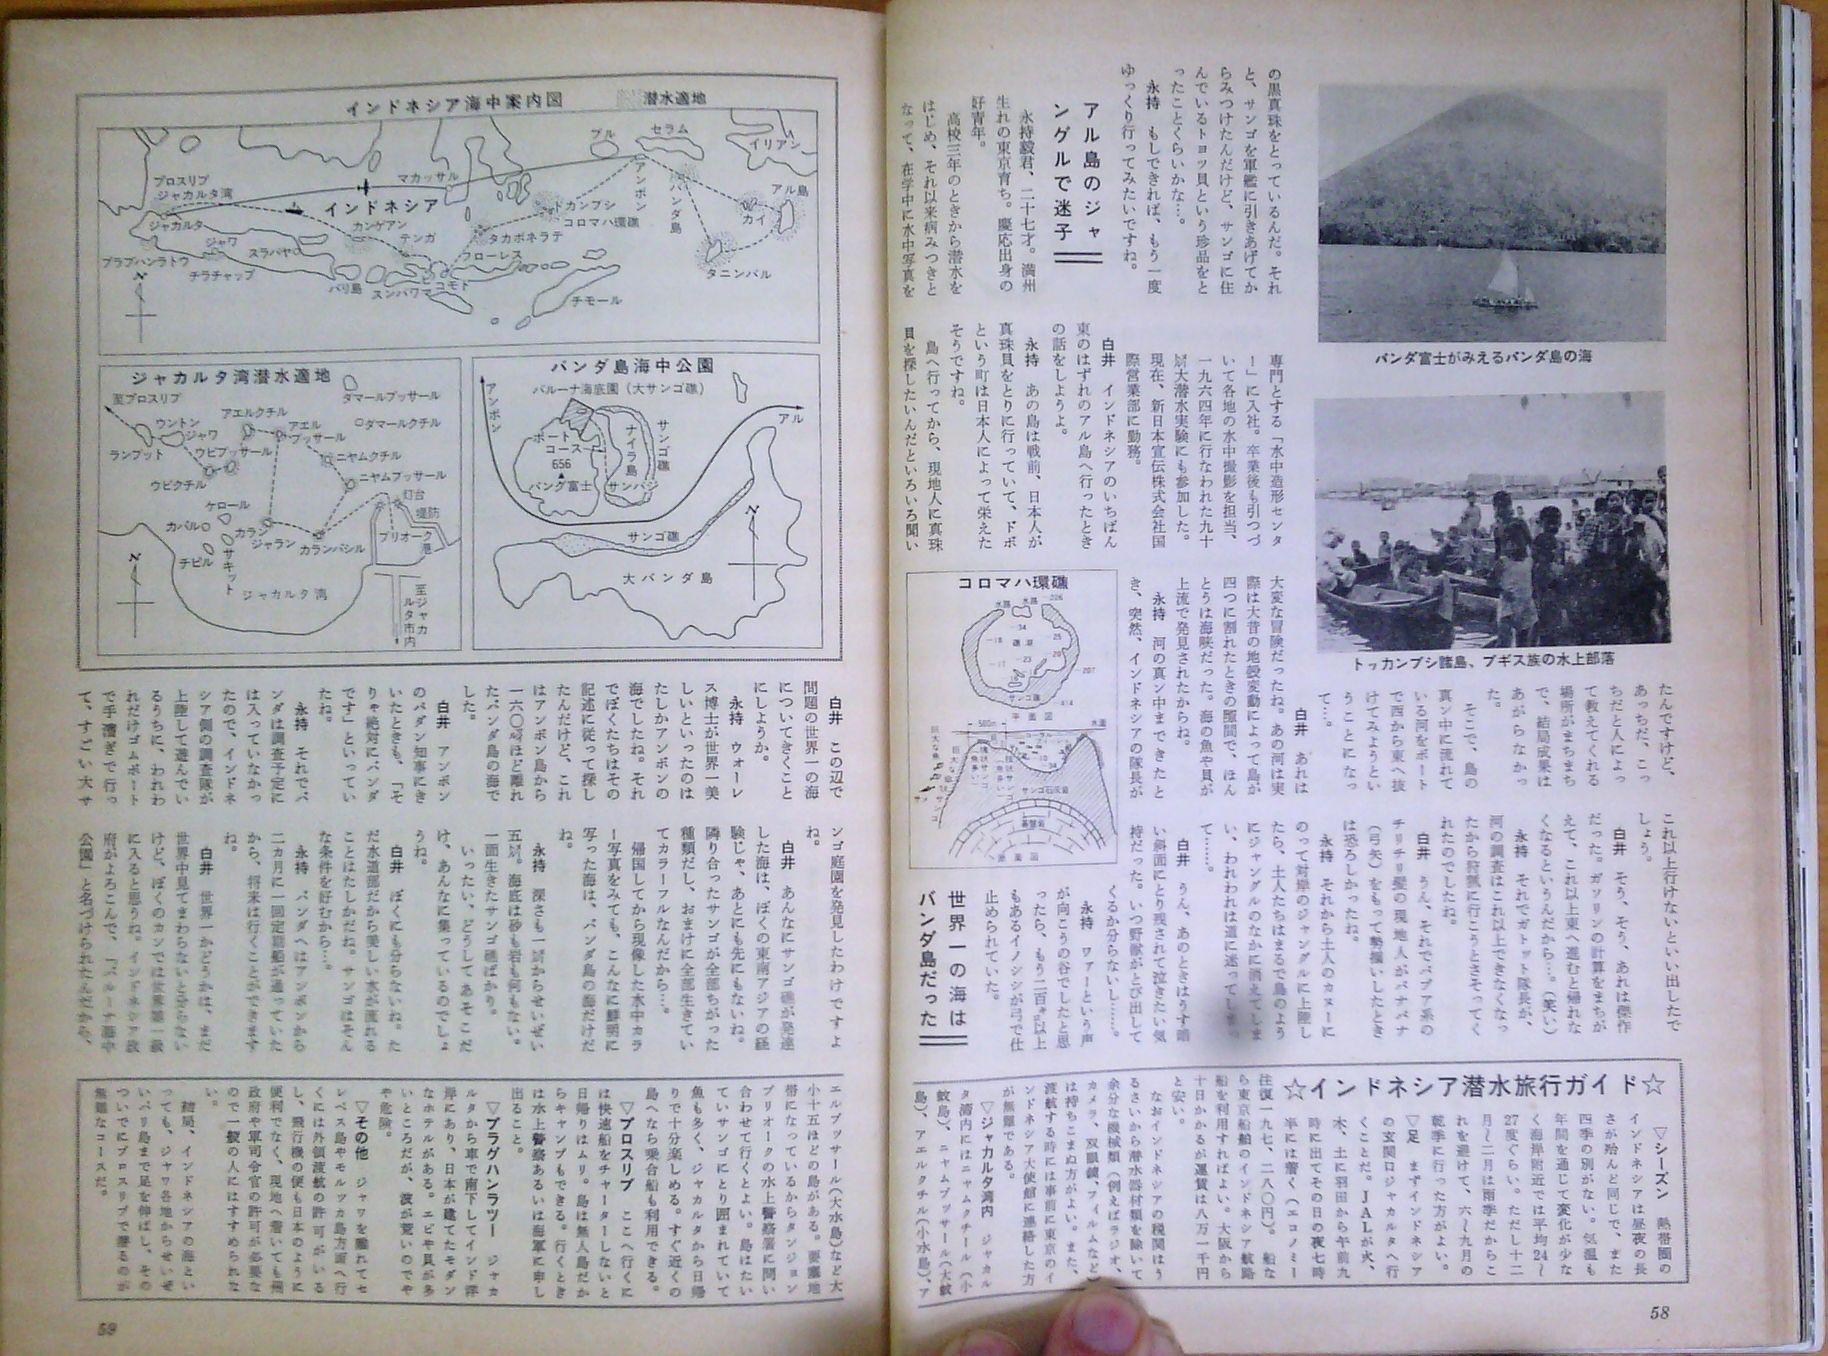 0325 ダイビングの歴史57 海の世界 1968-02_b0075059_14294441.jpg